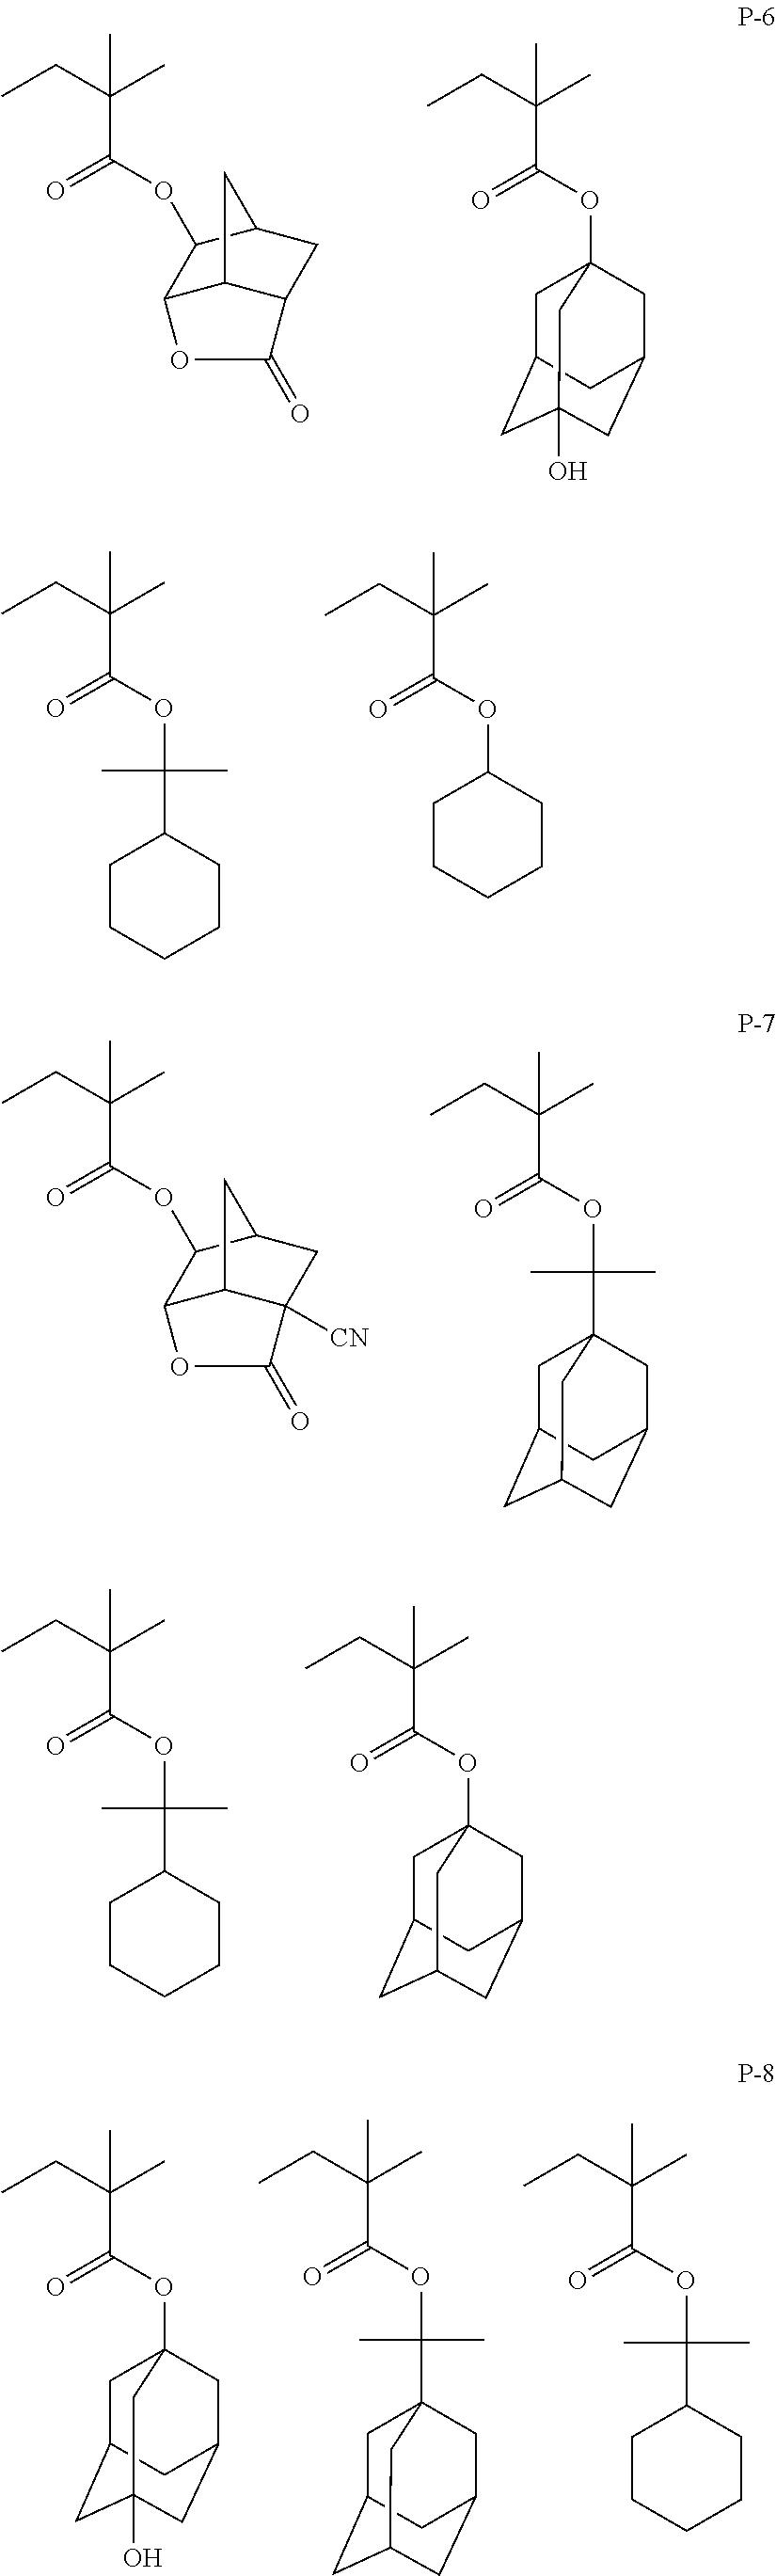 Figure US08637229-20140128-C00121